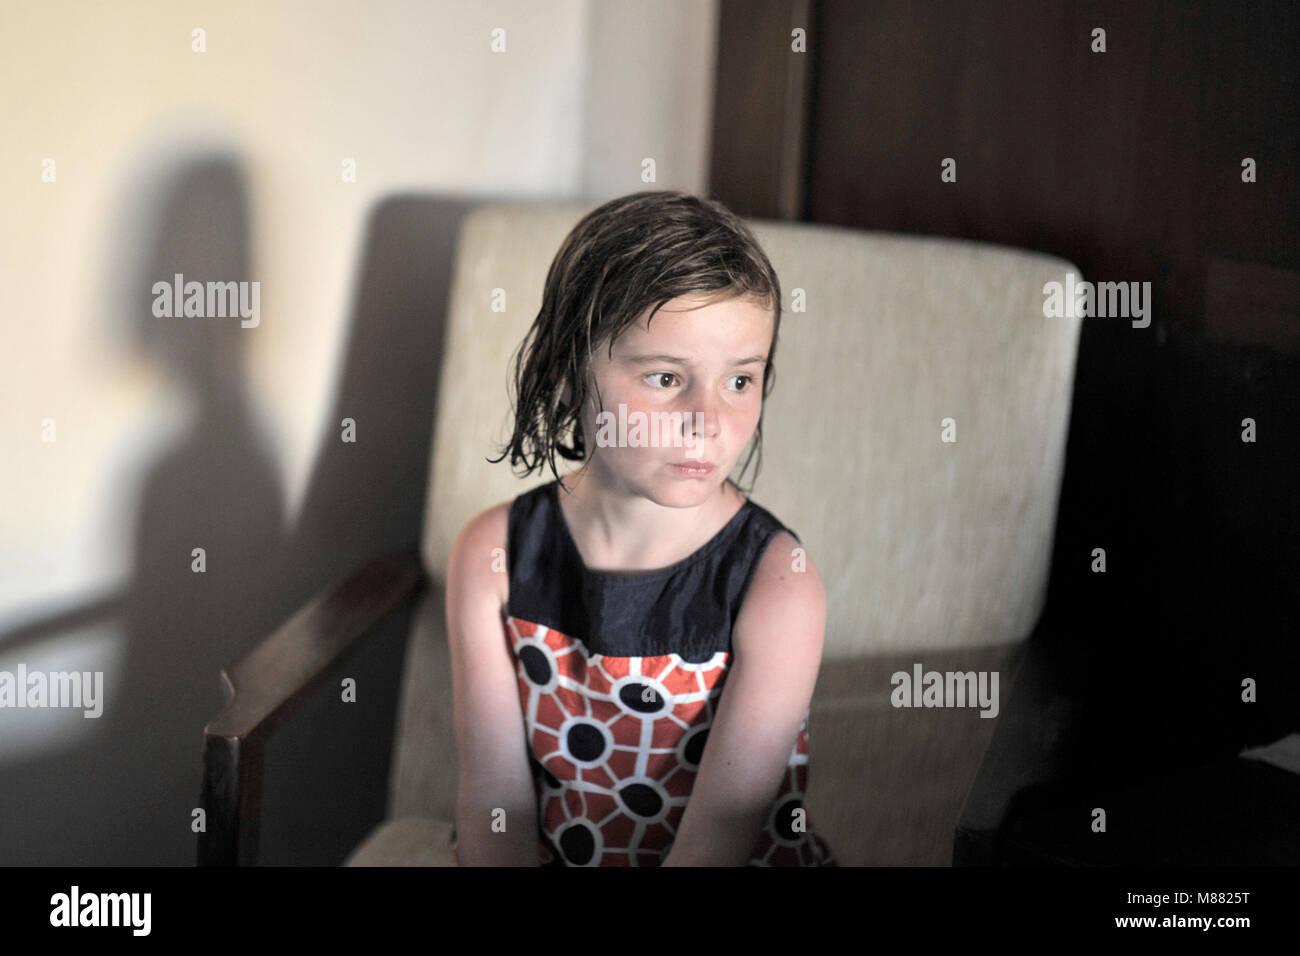 Una niña de 7 años Sentada a solas con el pelo mojado Imagen De Stock